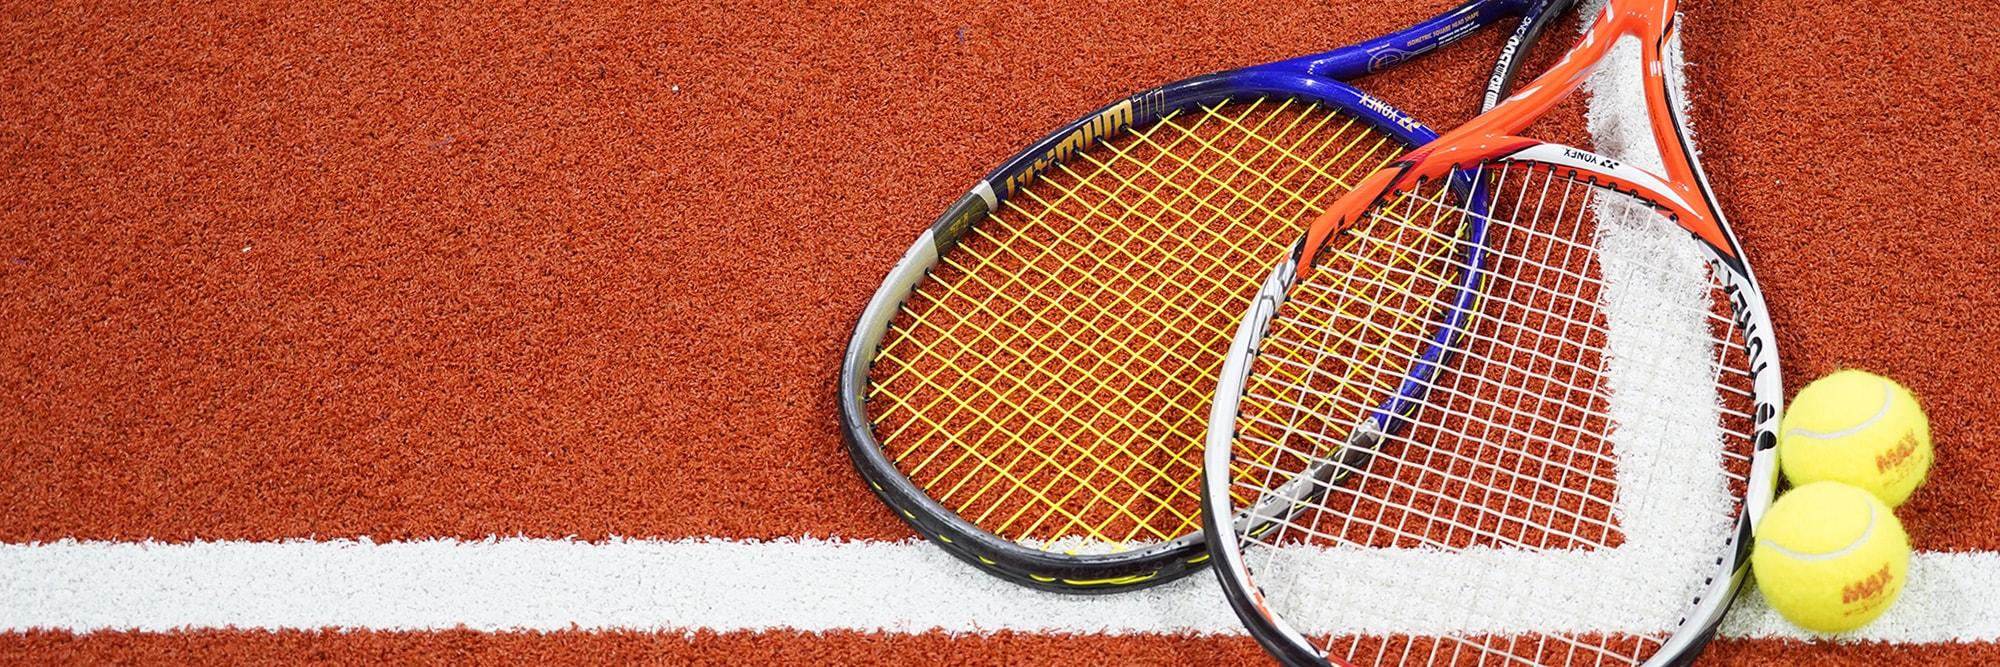 長野市 インドアテニススクール シトリック